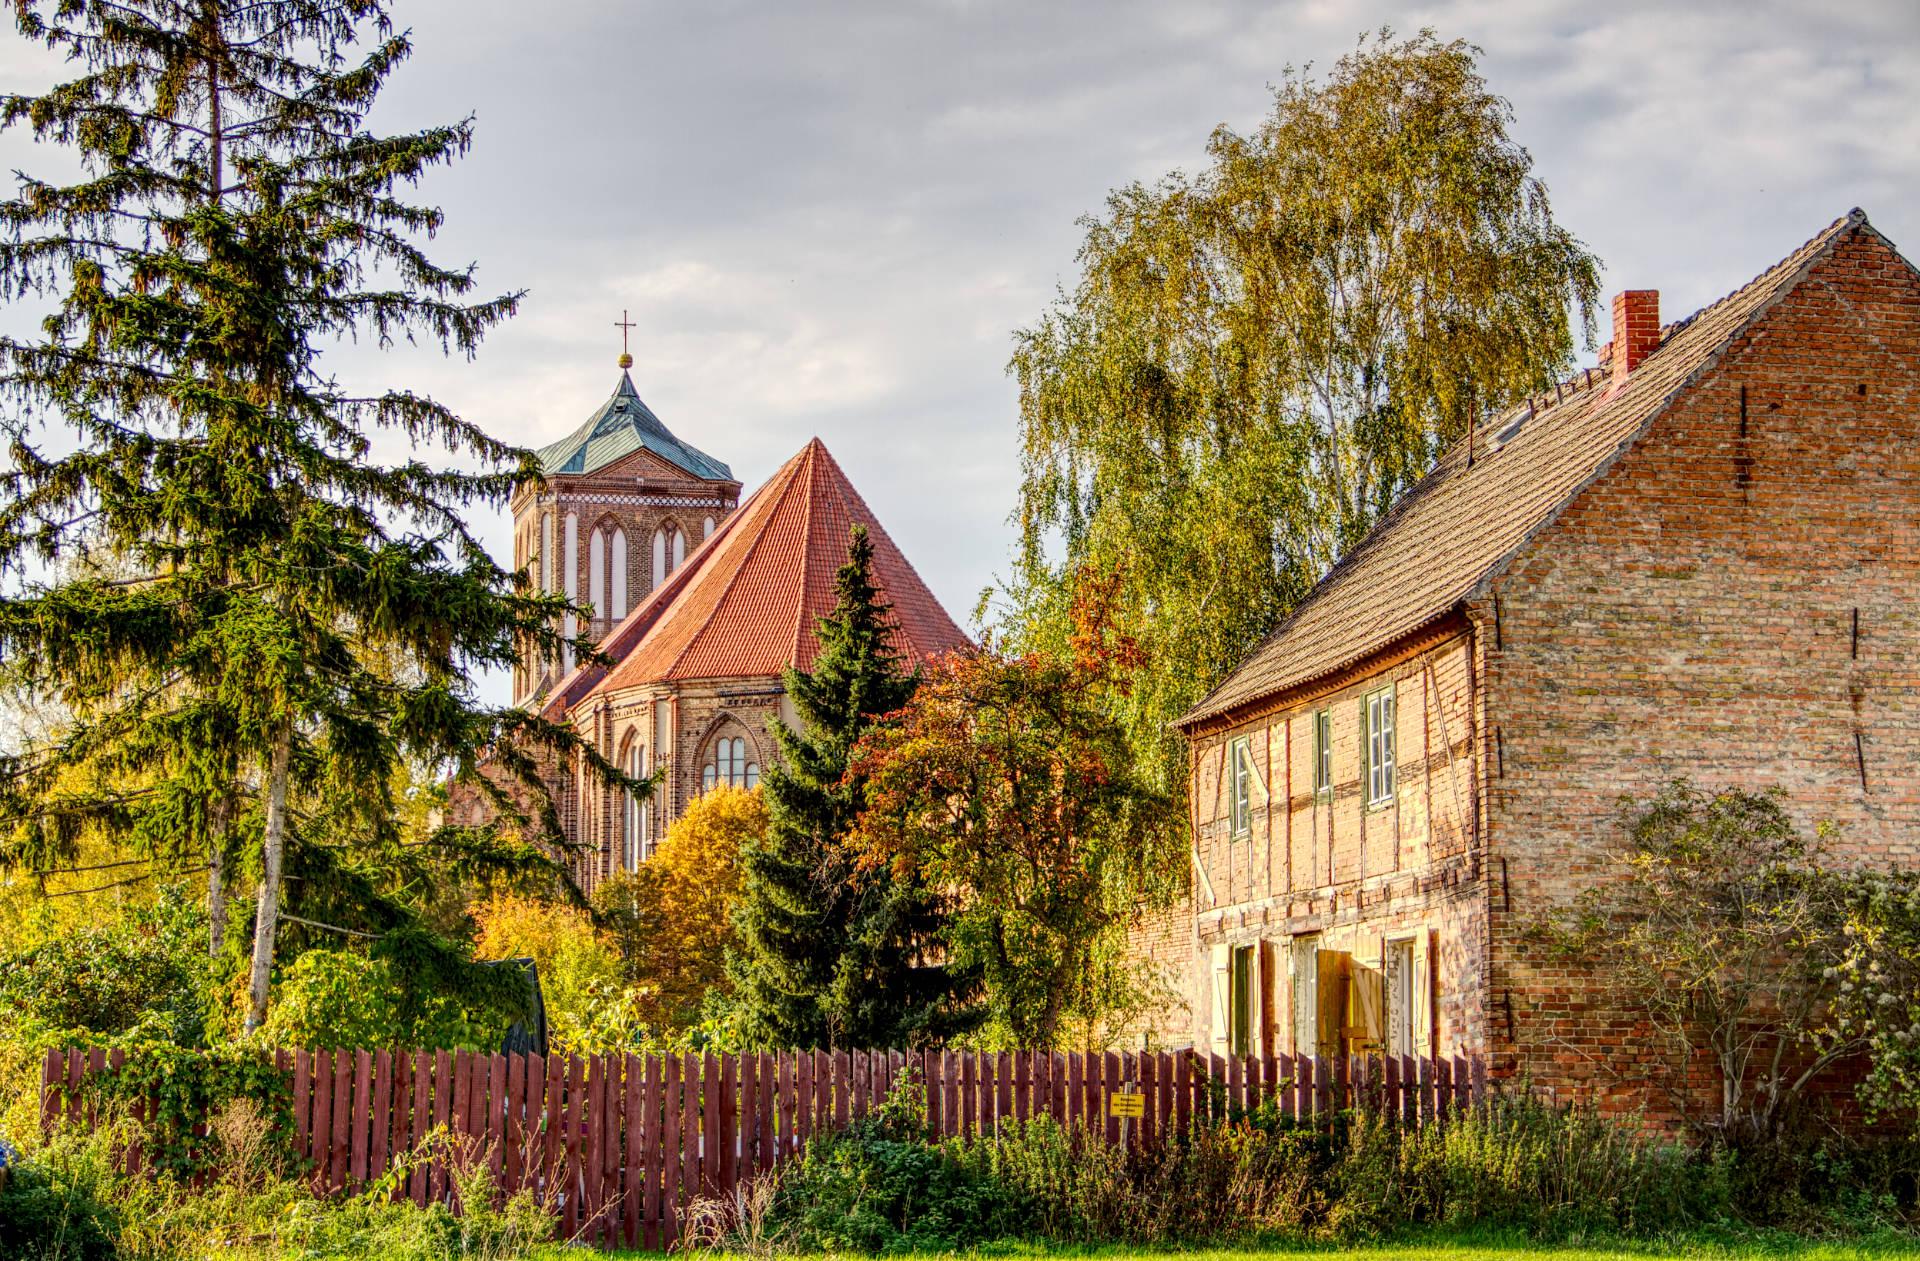 Stephanskirche Gartz